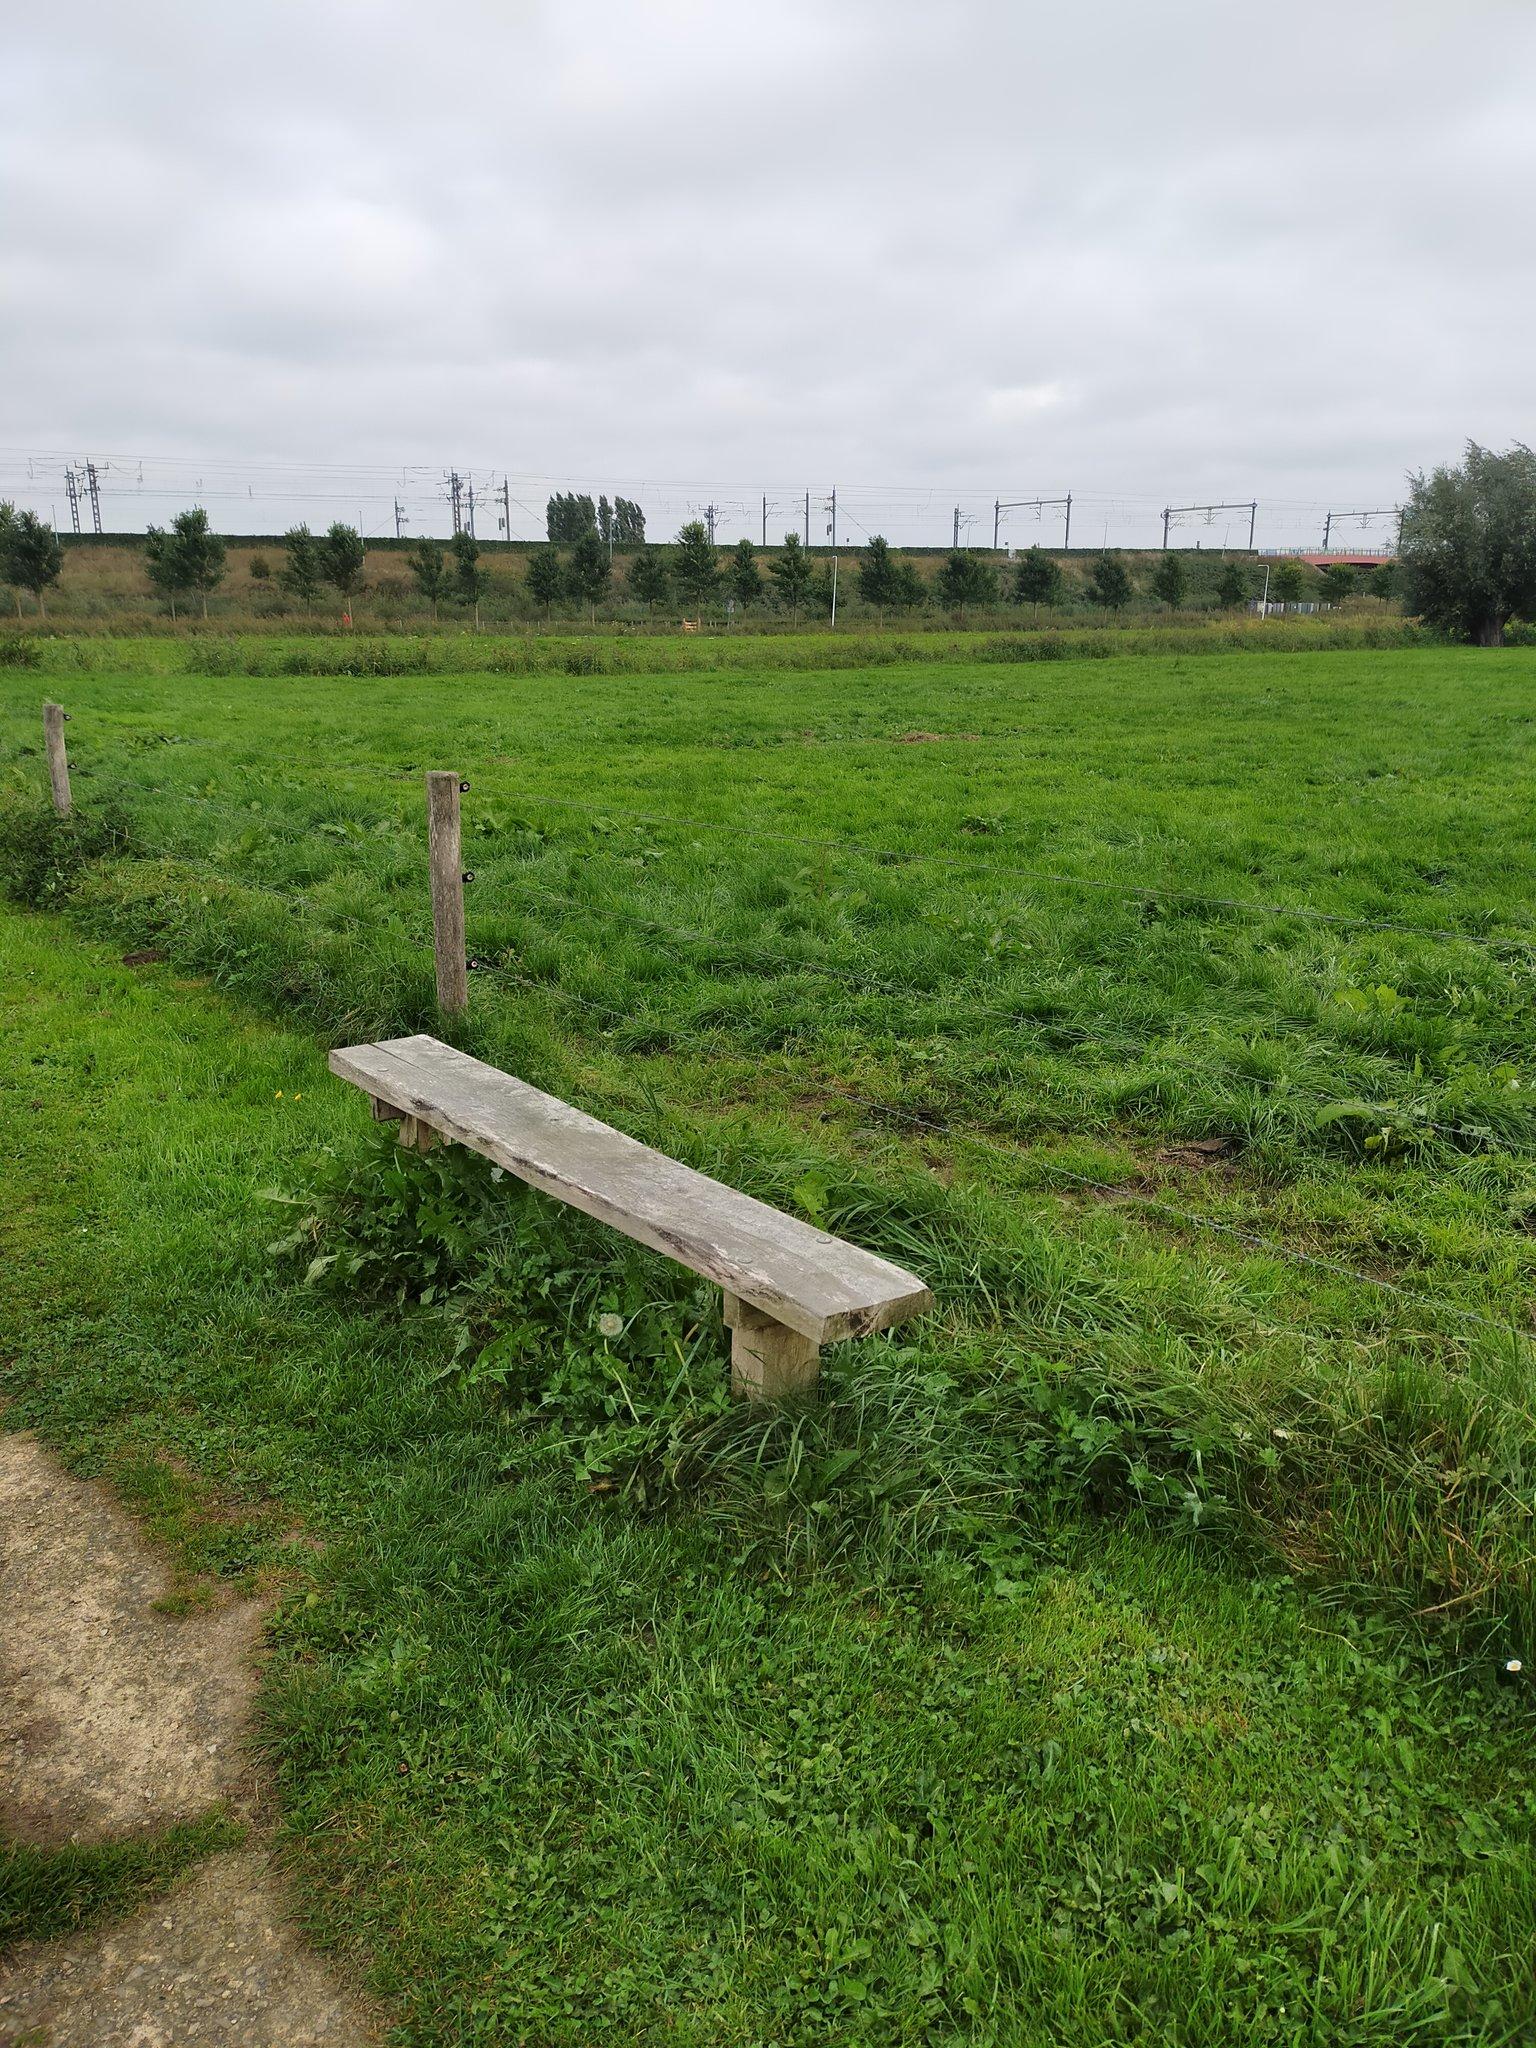 rt-b62bert-wandelbankjes-langs-het-assenradepad-nabij-hattem-https-t-co-f2xwu7wjzw